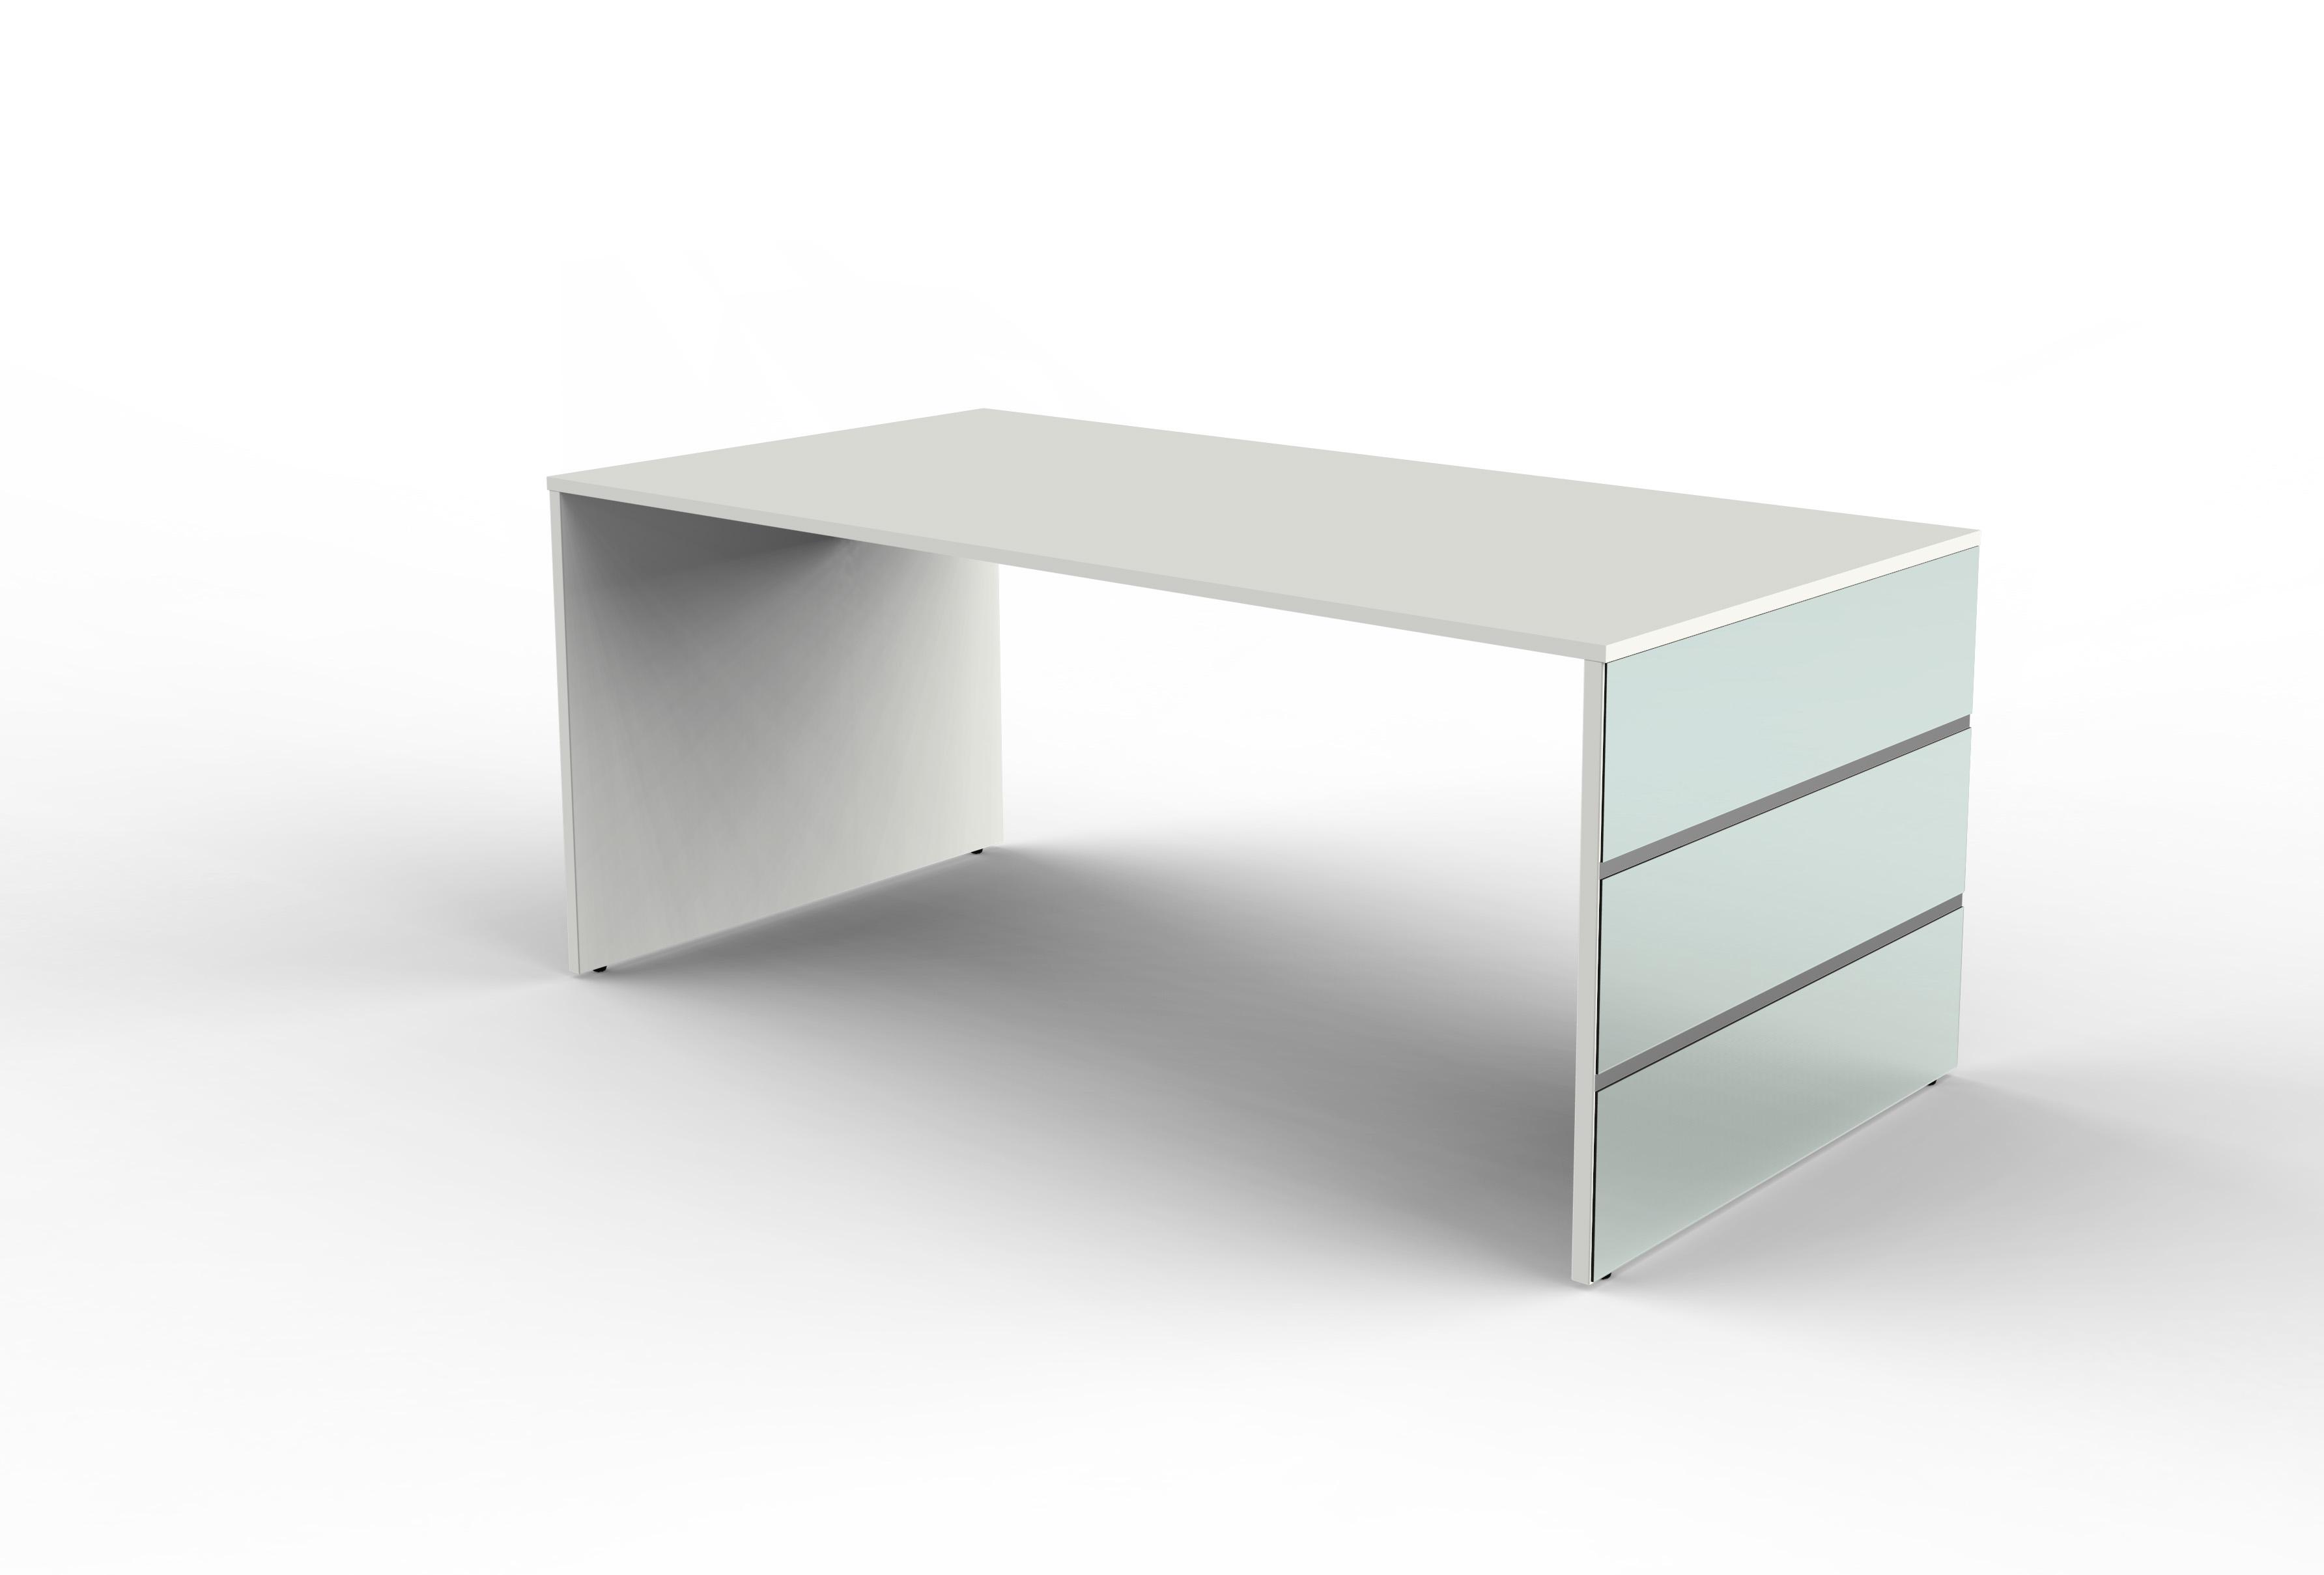 schreibtisch siena b rom bel. Black Bedroom Furniture Sets. Home Design Ideas